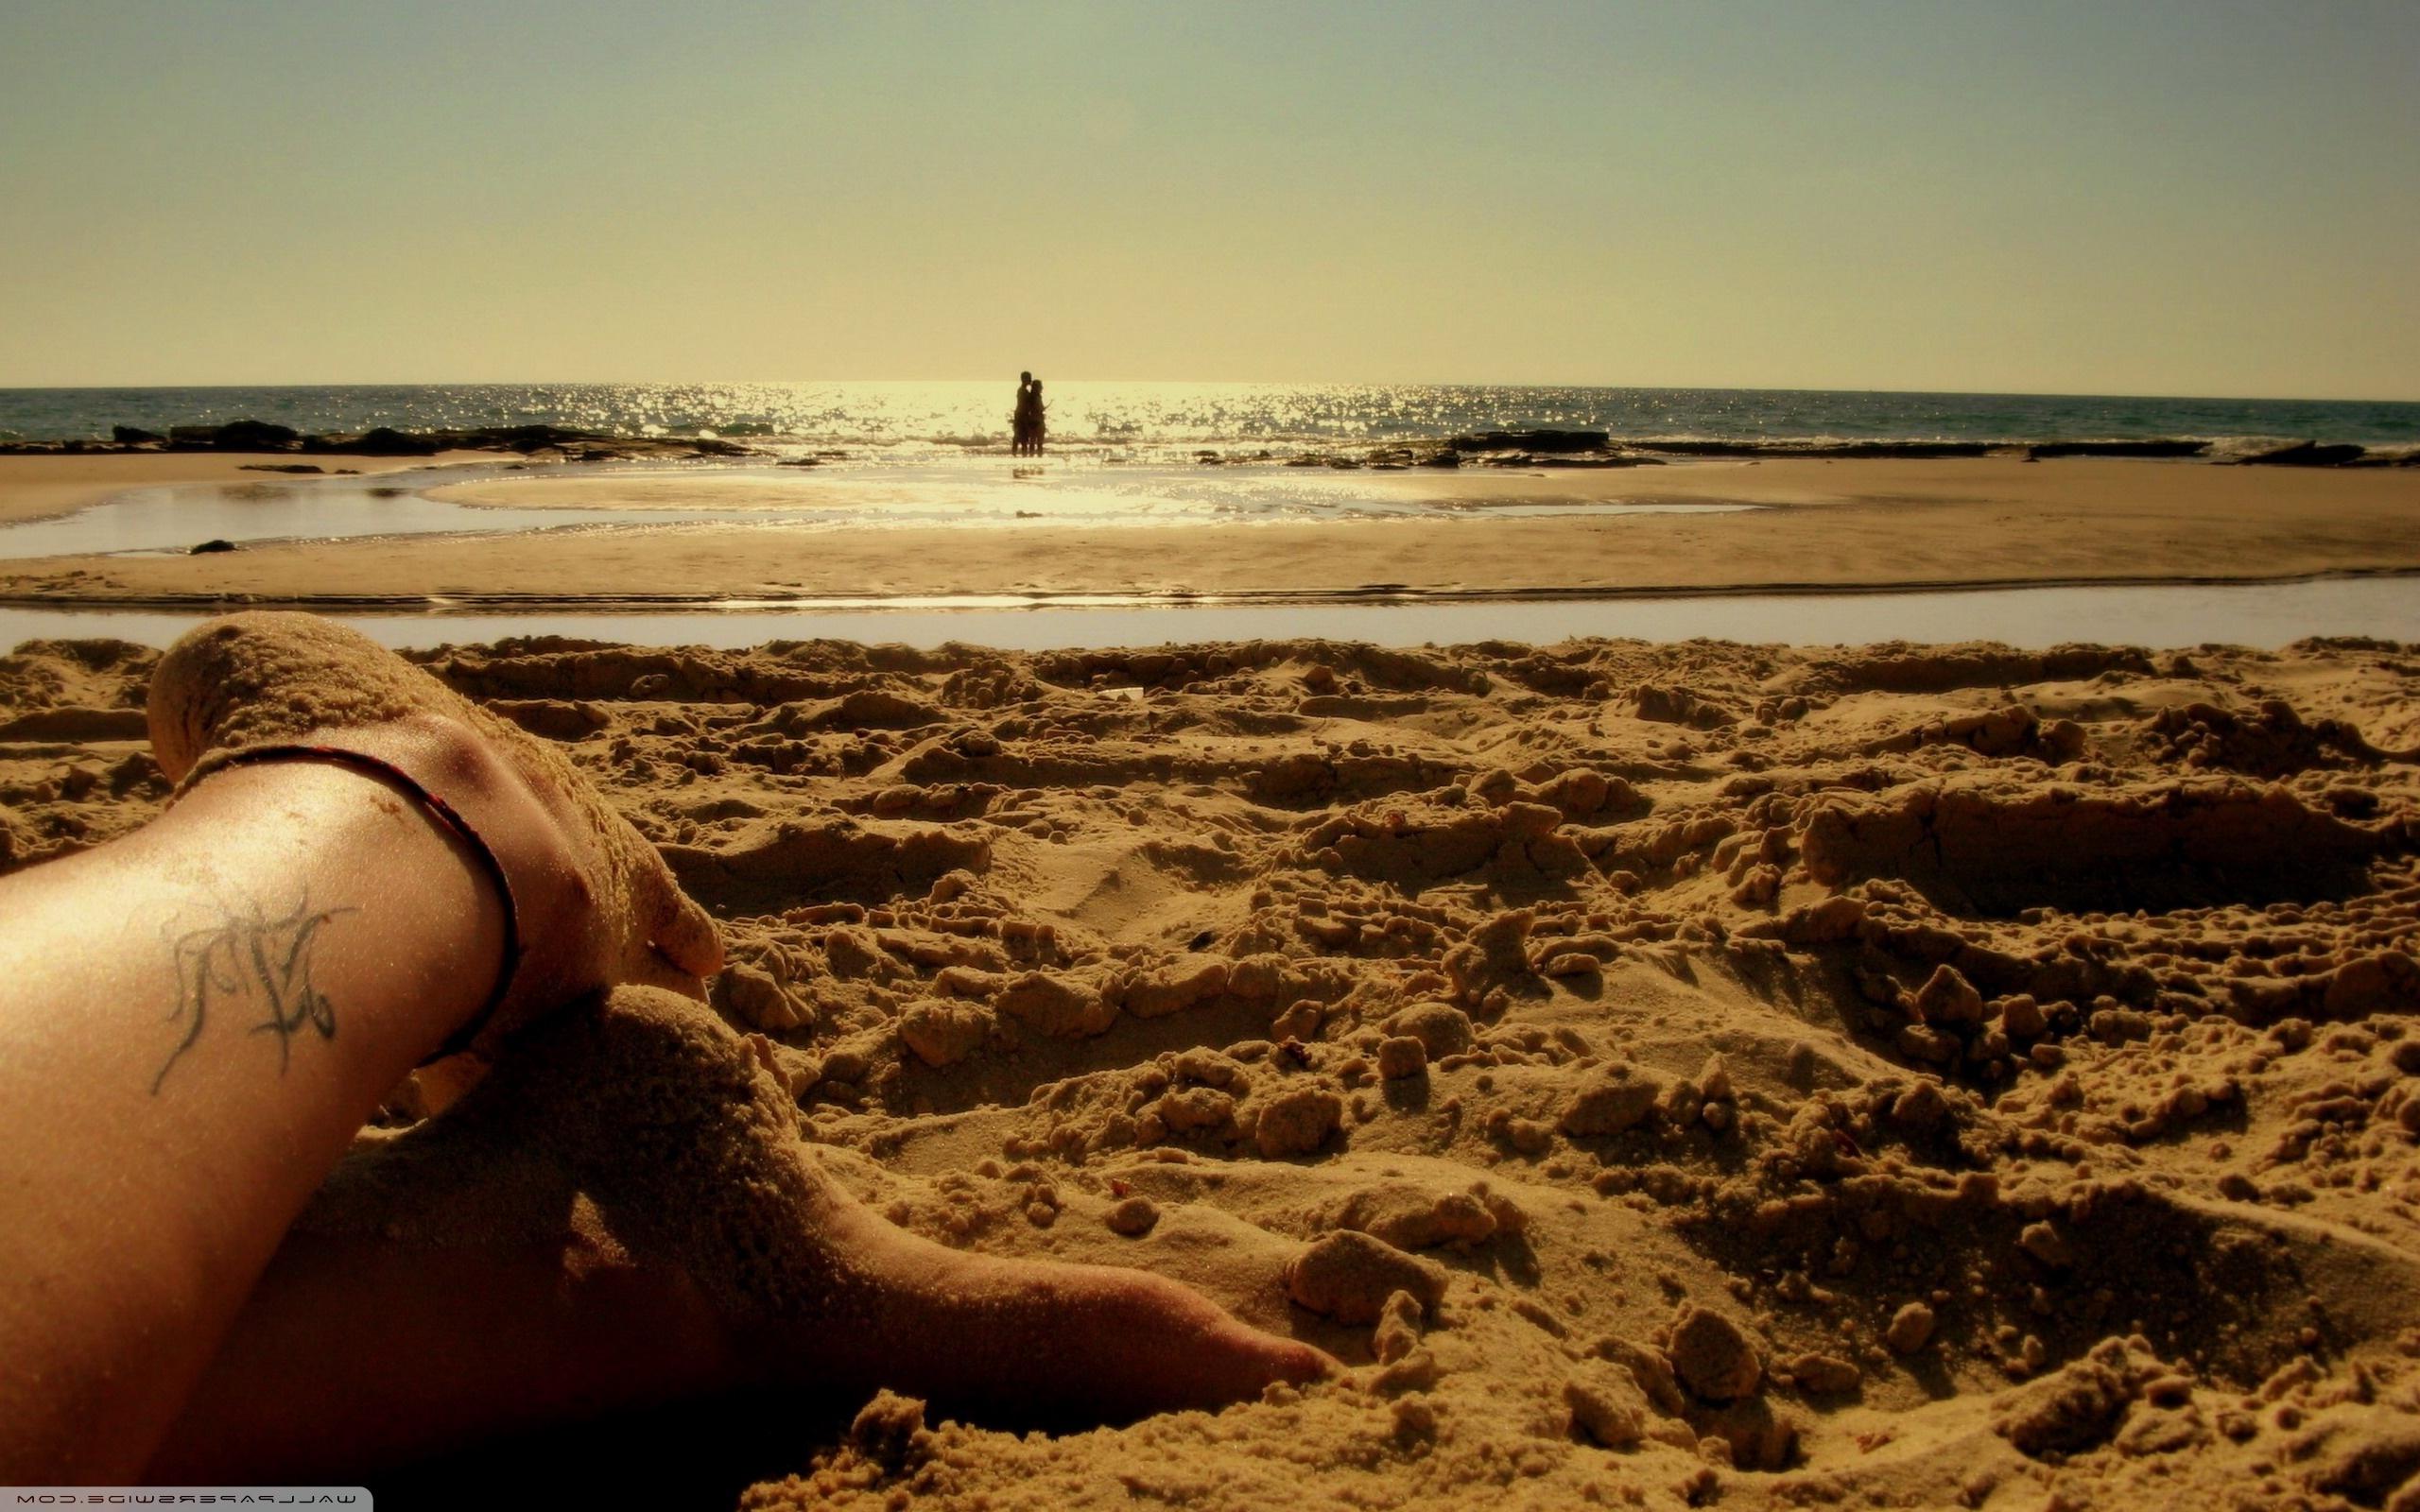 Los pies de una chica en la playa - 2560x1600